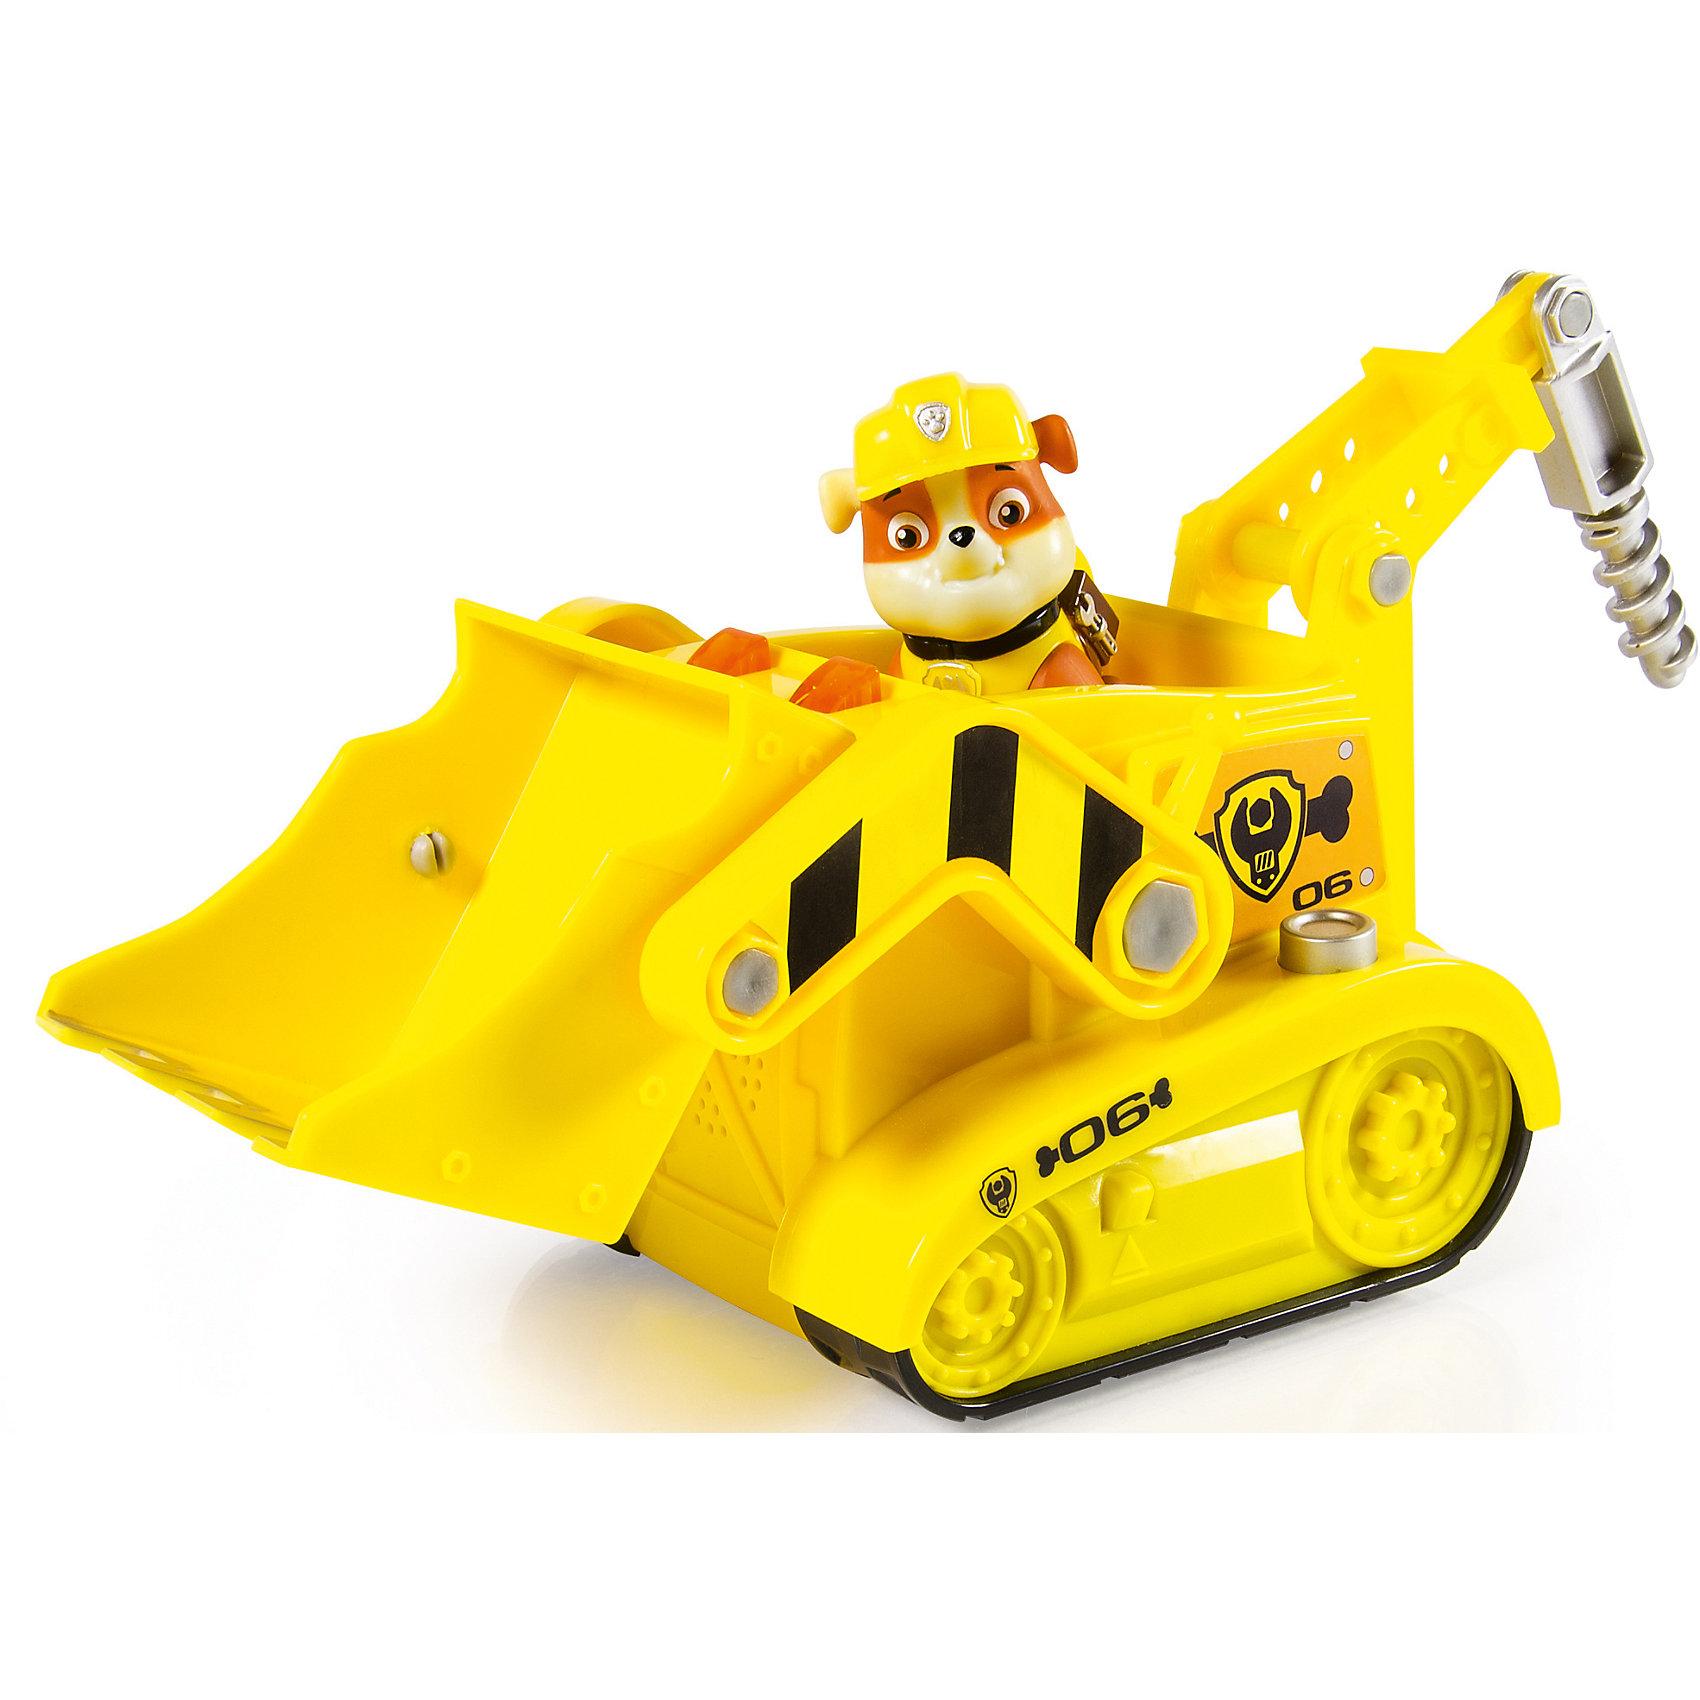 Spin Master Автомобиль спасателей, Щенячий патруль spin master фигурка спасателя с рюкзаком трансформером щенячий патруль spin master 20070732 16655